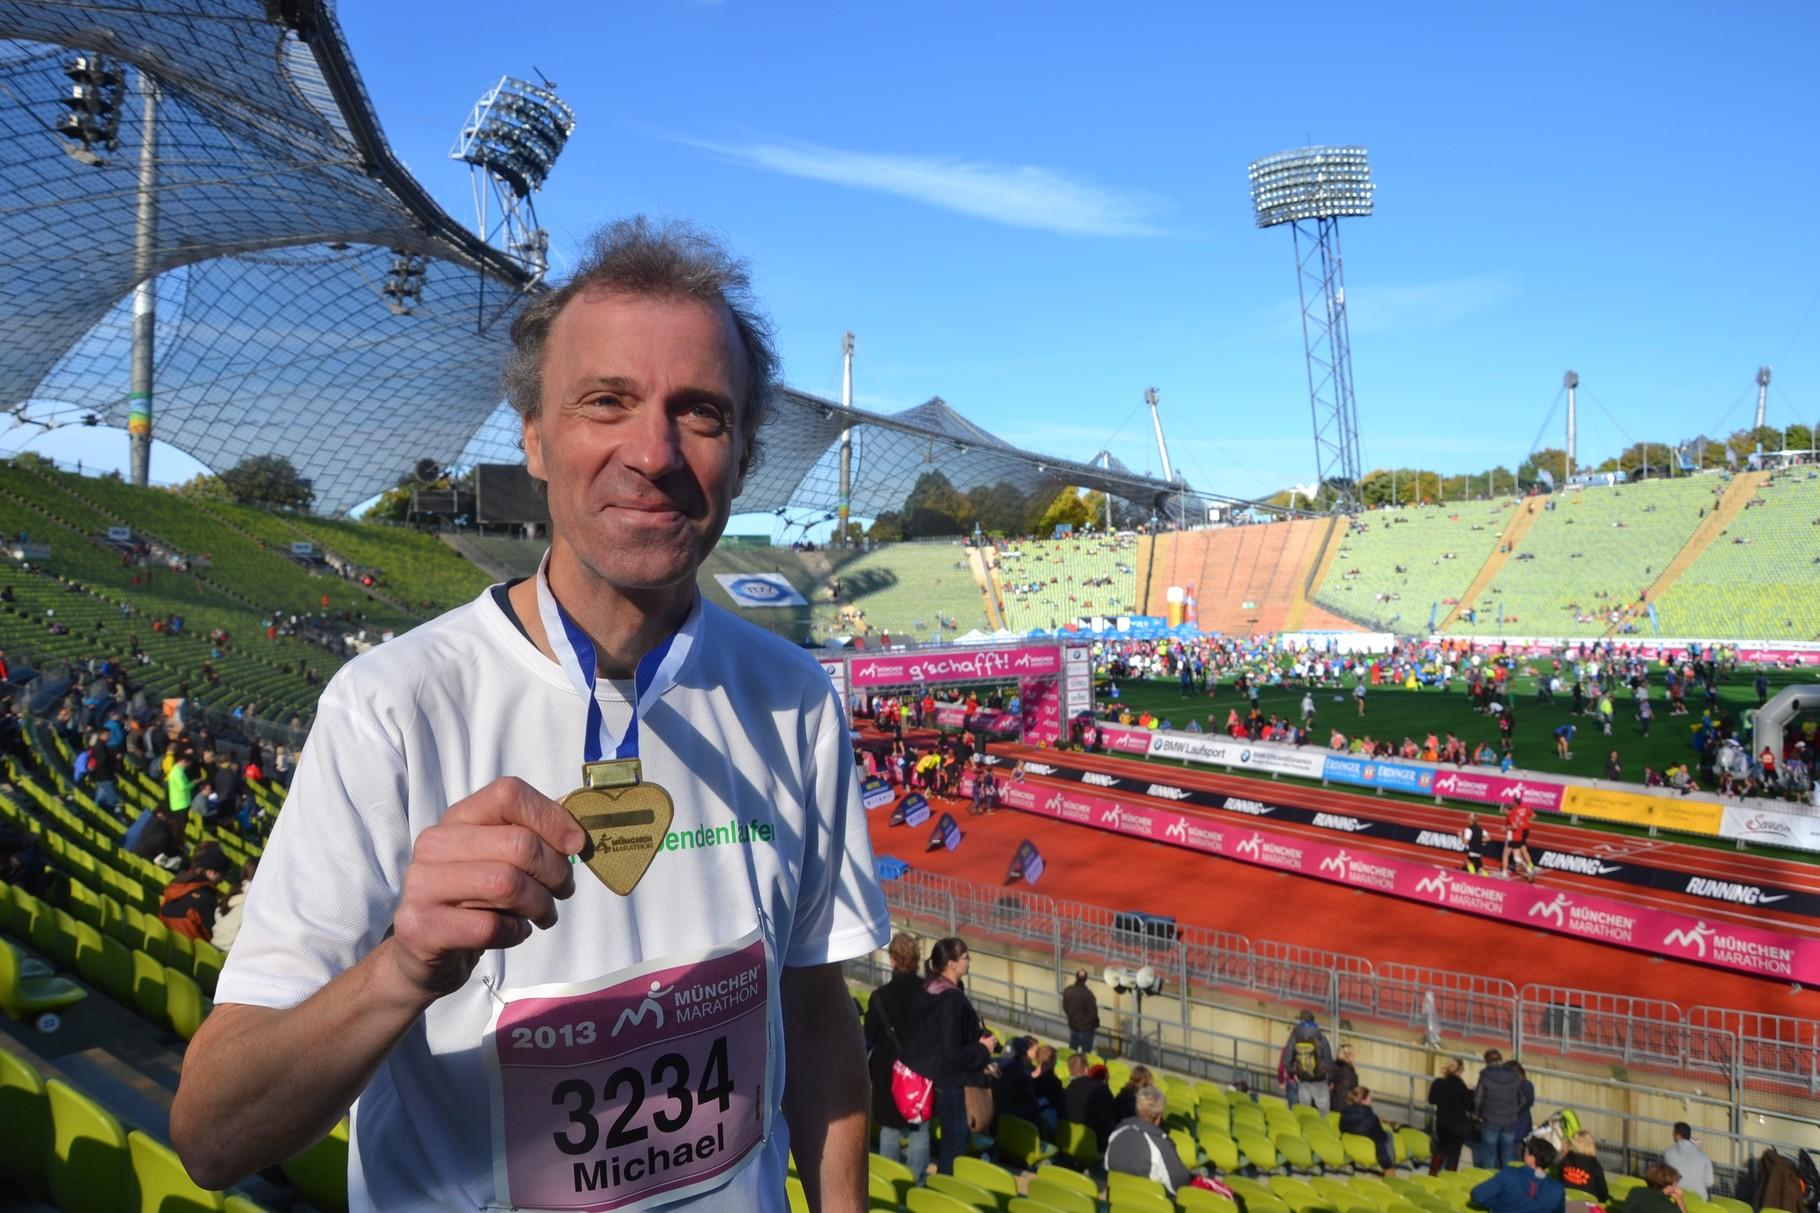 stolz nach dem ersten marathon in münchen 2013 (3:45:42)